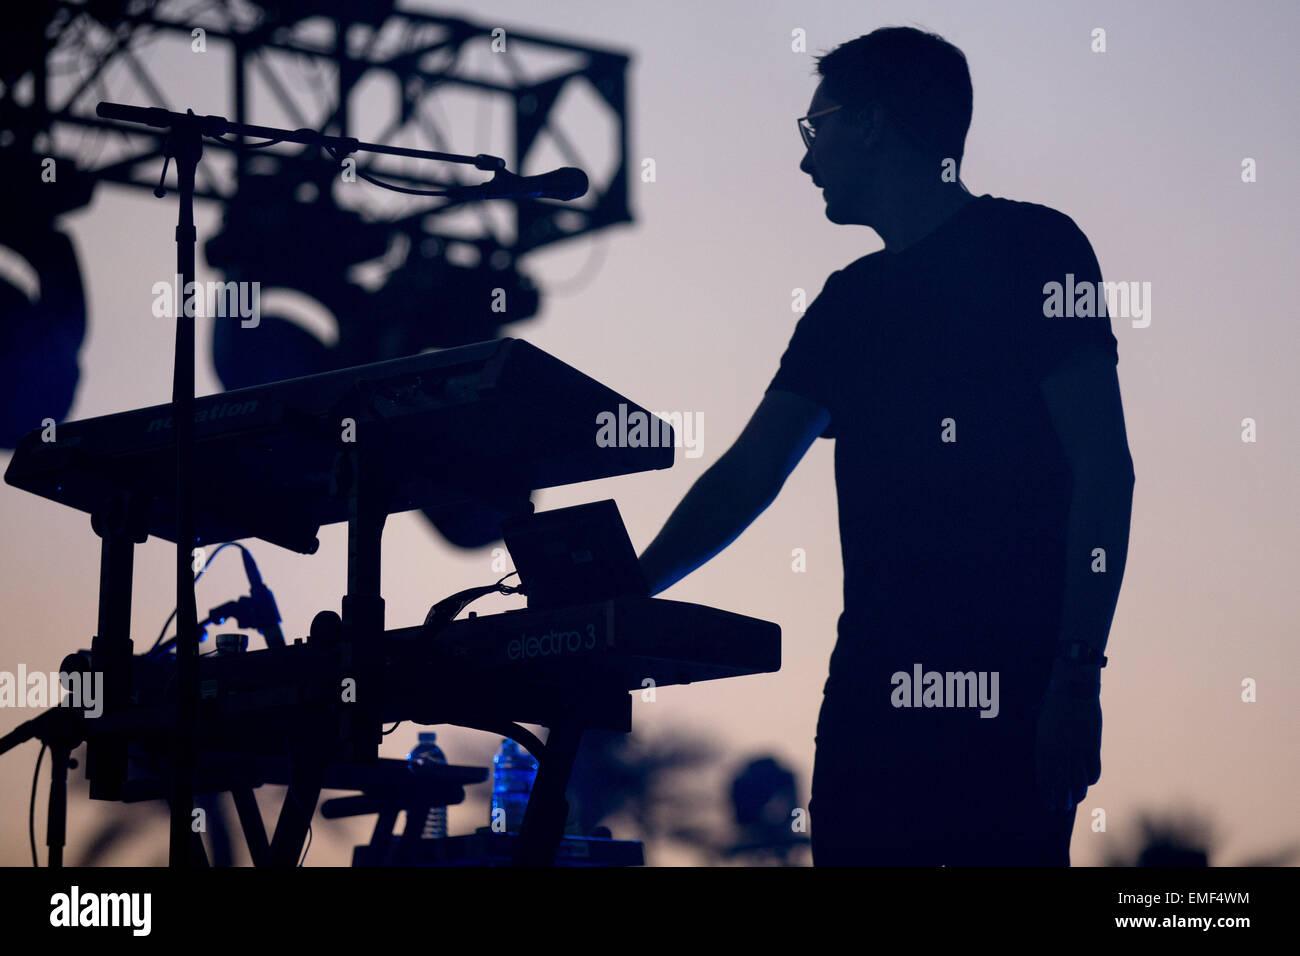 Indio, California, Stati Uniti d'America. Xviii Apr, 2015. Musicista GUS UNGER-HAMILTON di alt-J suona dal vivo Immagini Stock